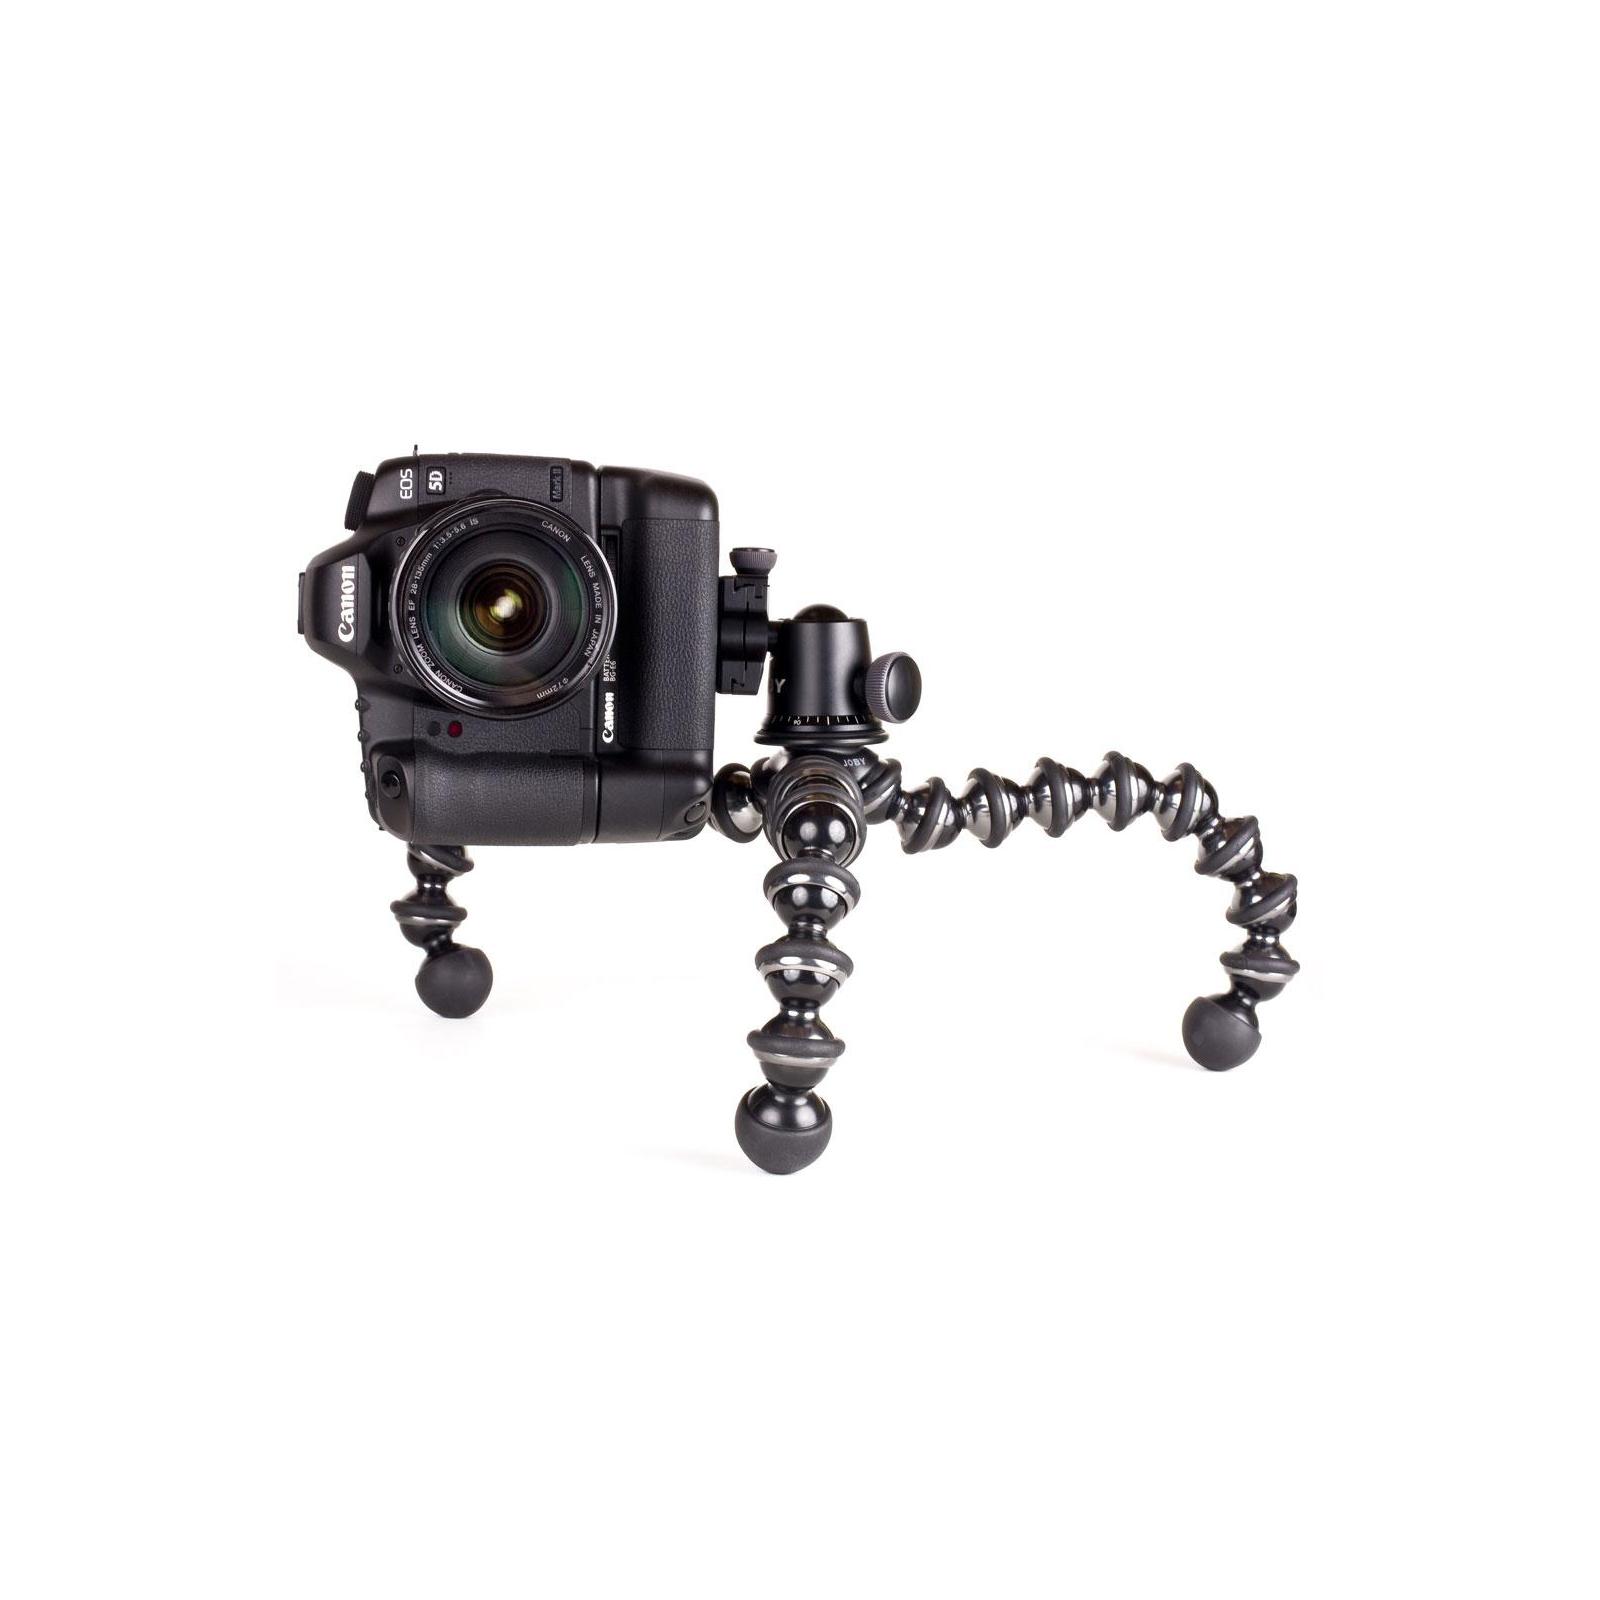 Штатив JOBY GorillaPod Focus & Ballhead X Bundle (Black/Grey) (JB00158-CEN) изображение 5